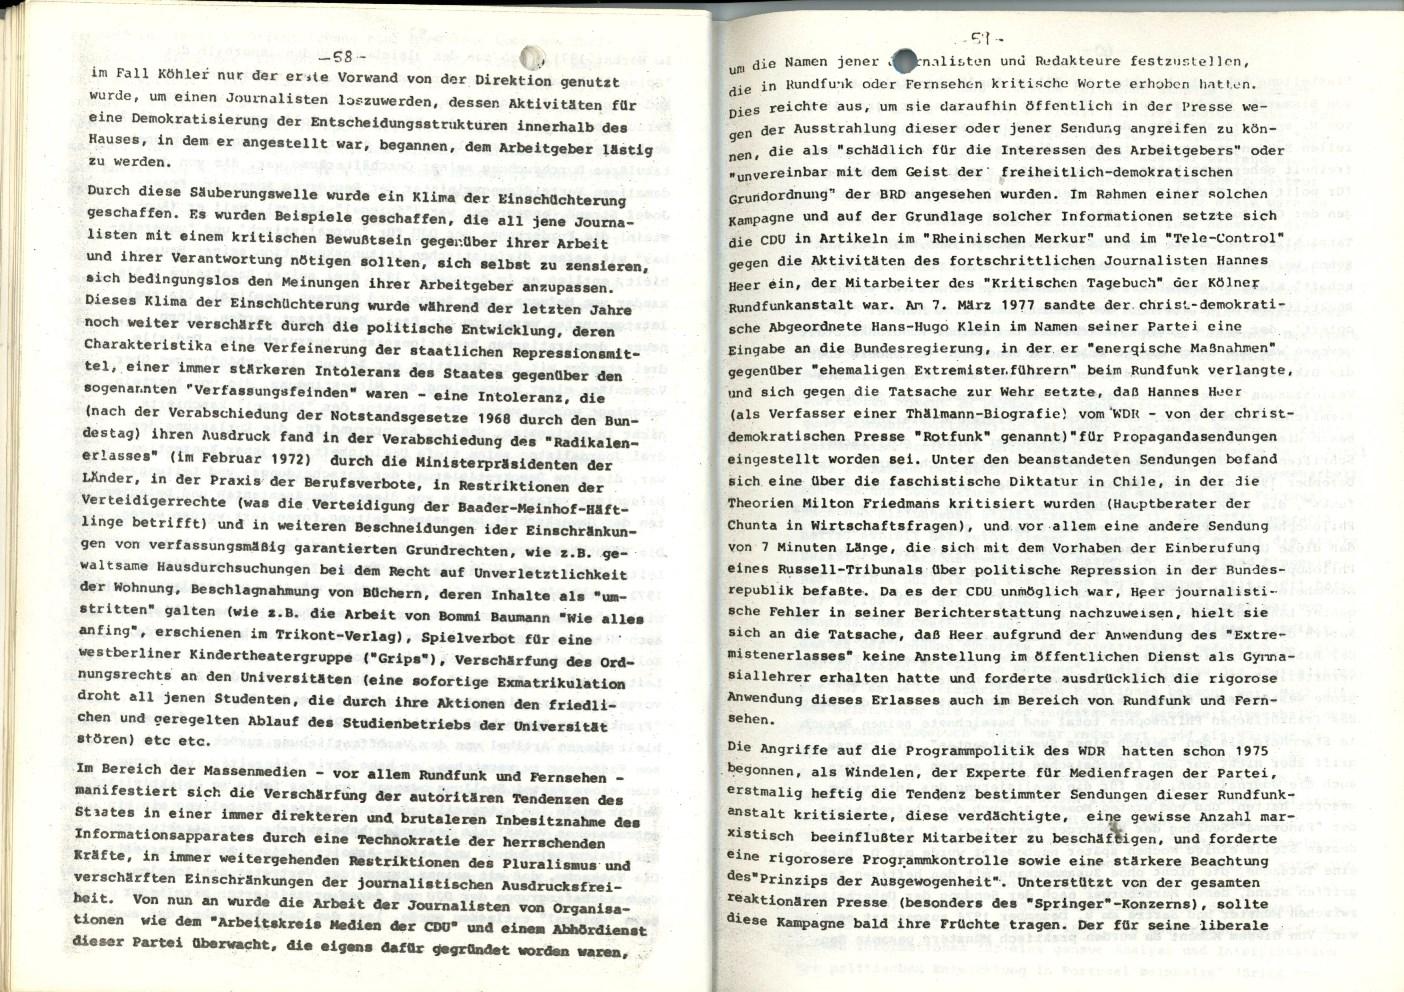 Hamburg_Vorbereitungsgruppe_Russell_Tribunal_Zensur_1978_30